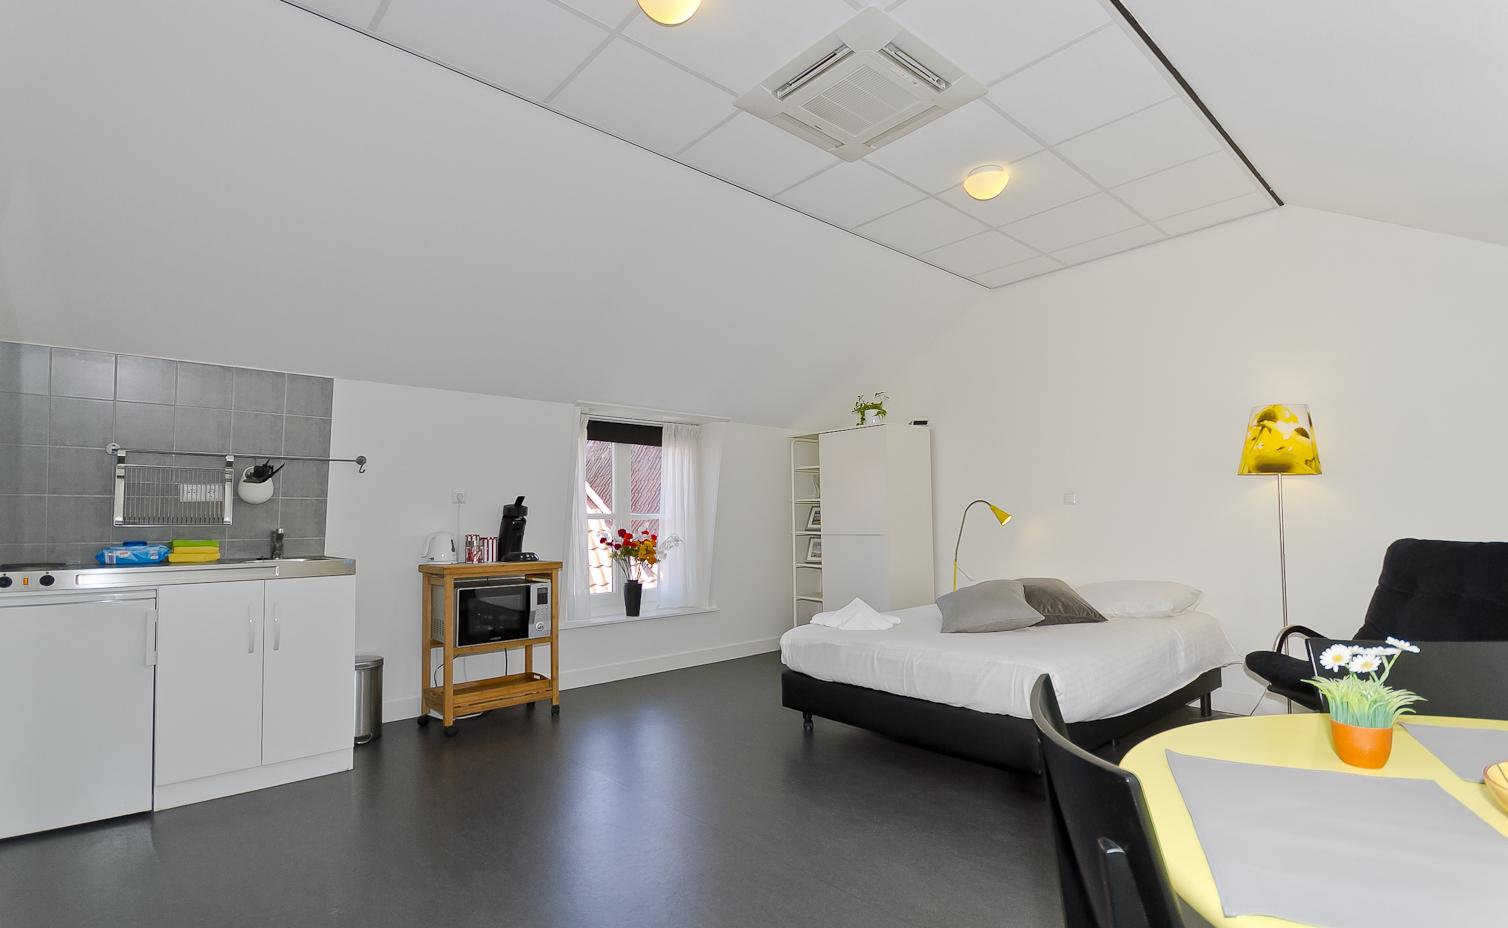 Hotel de Gaaper Amersfoort studio's langverhuur